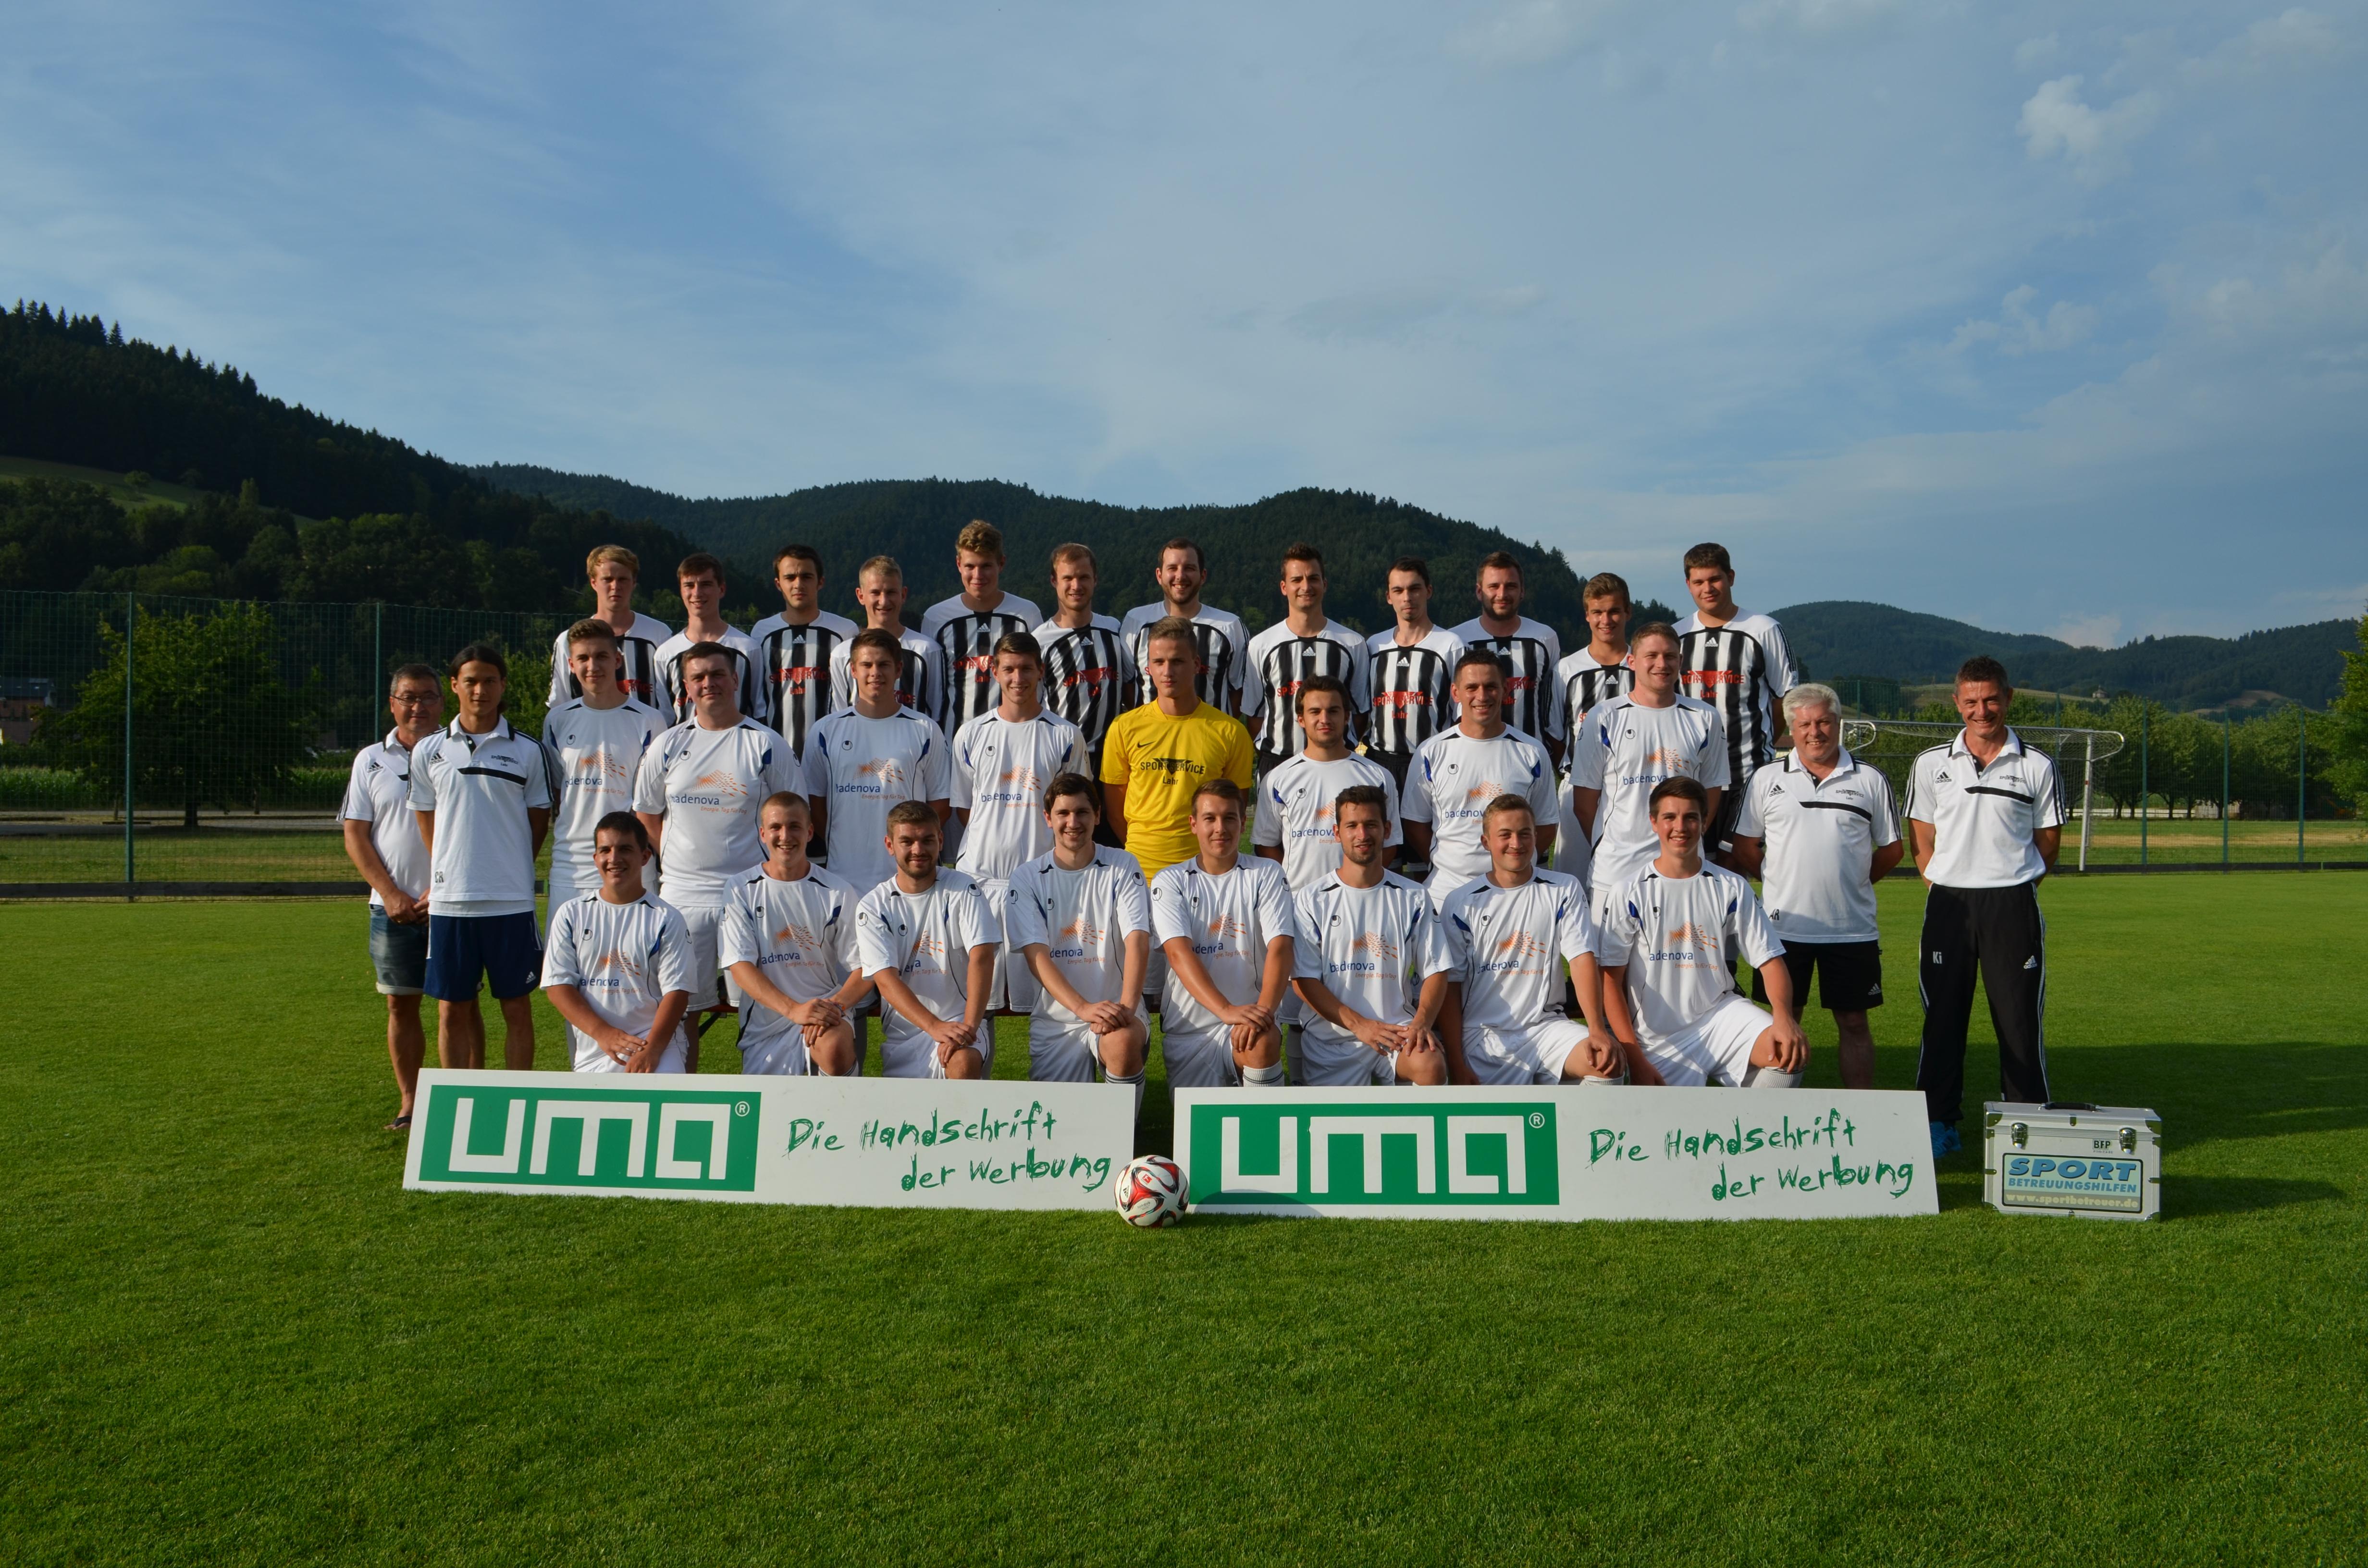 Mannschaftsfoto/Teamfoto von FC Fischerbach